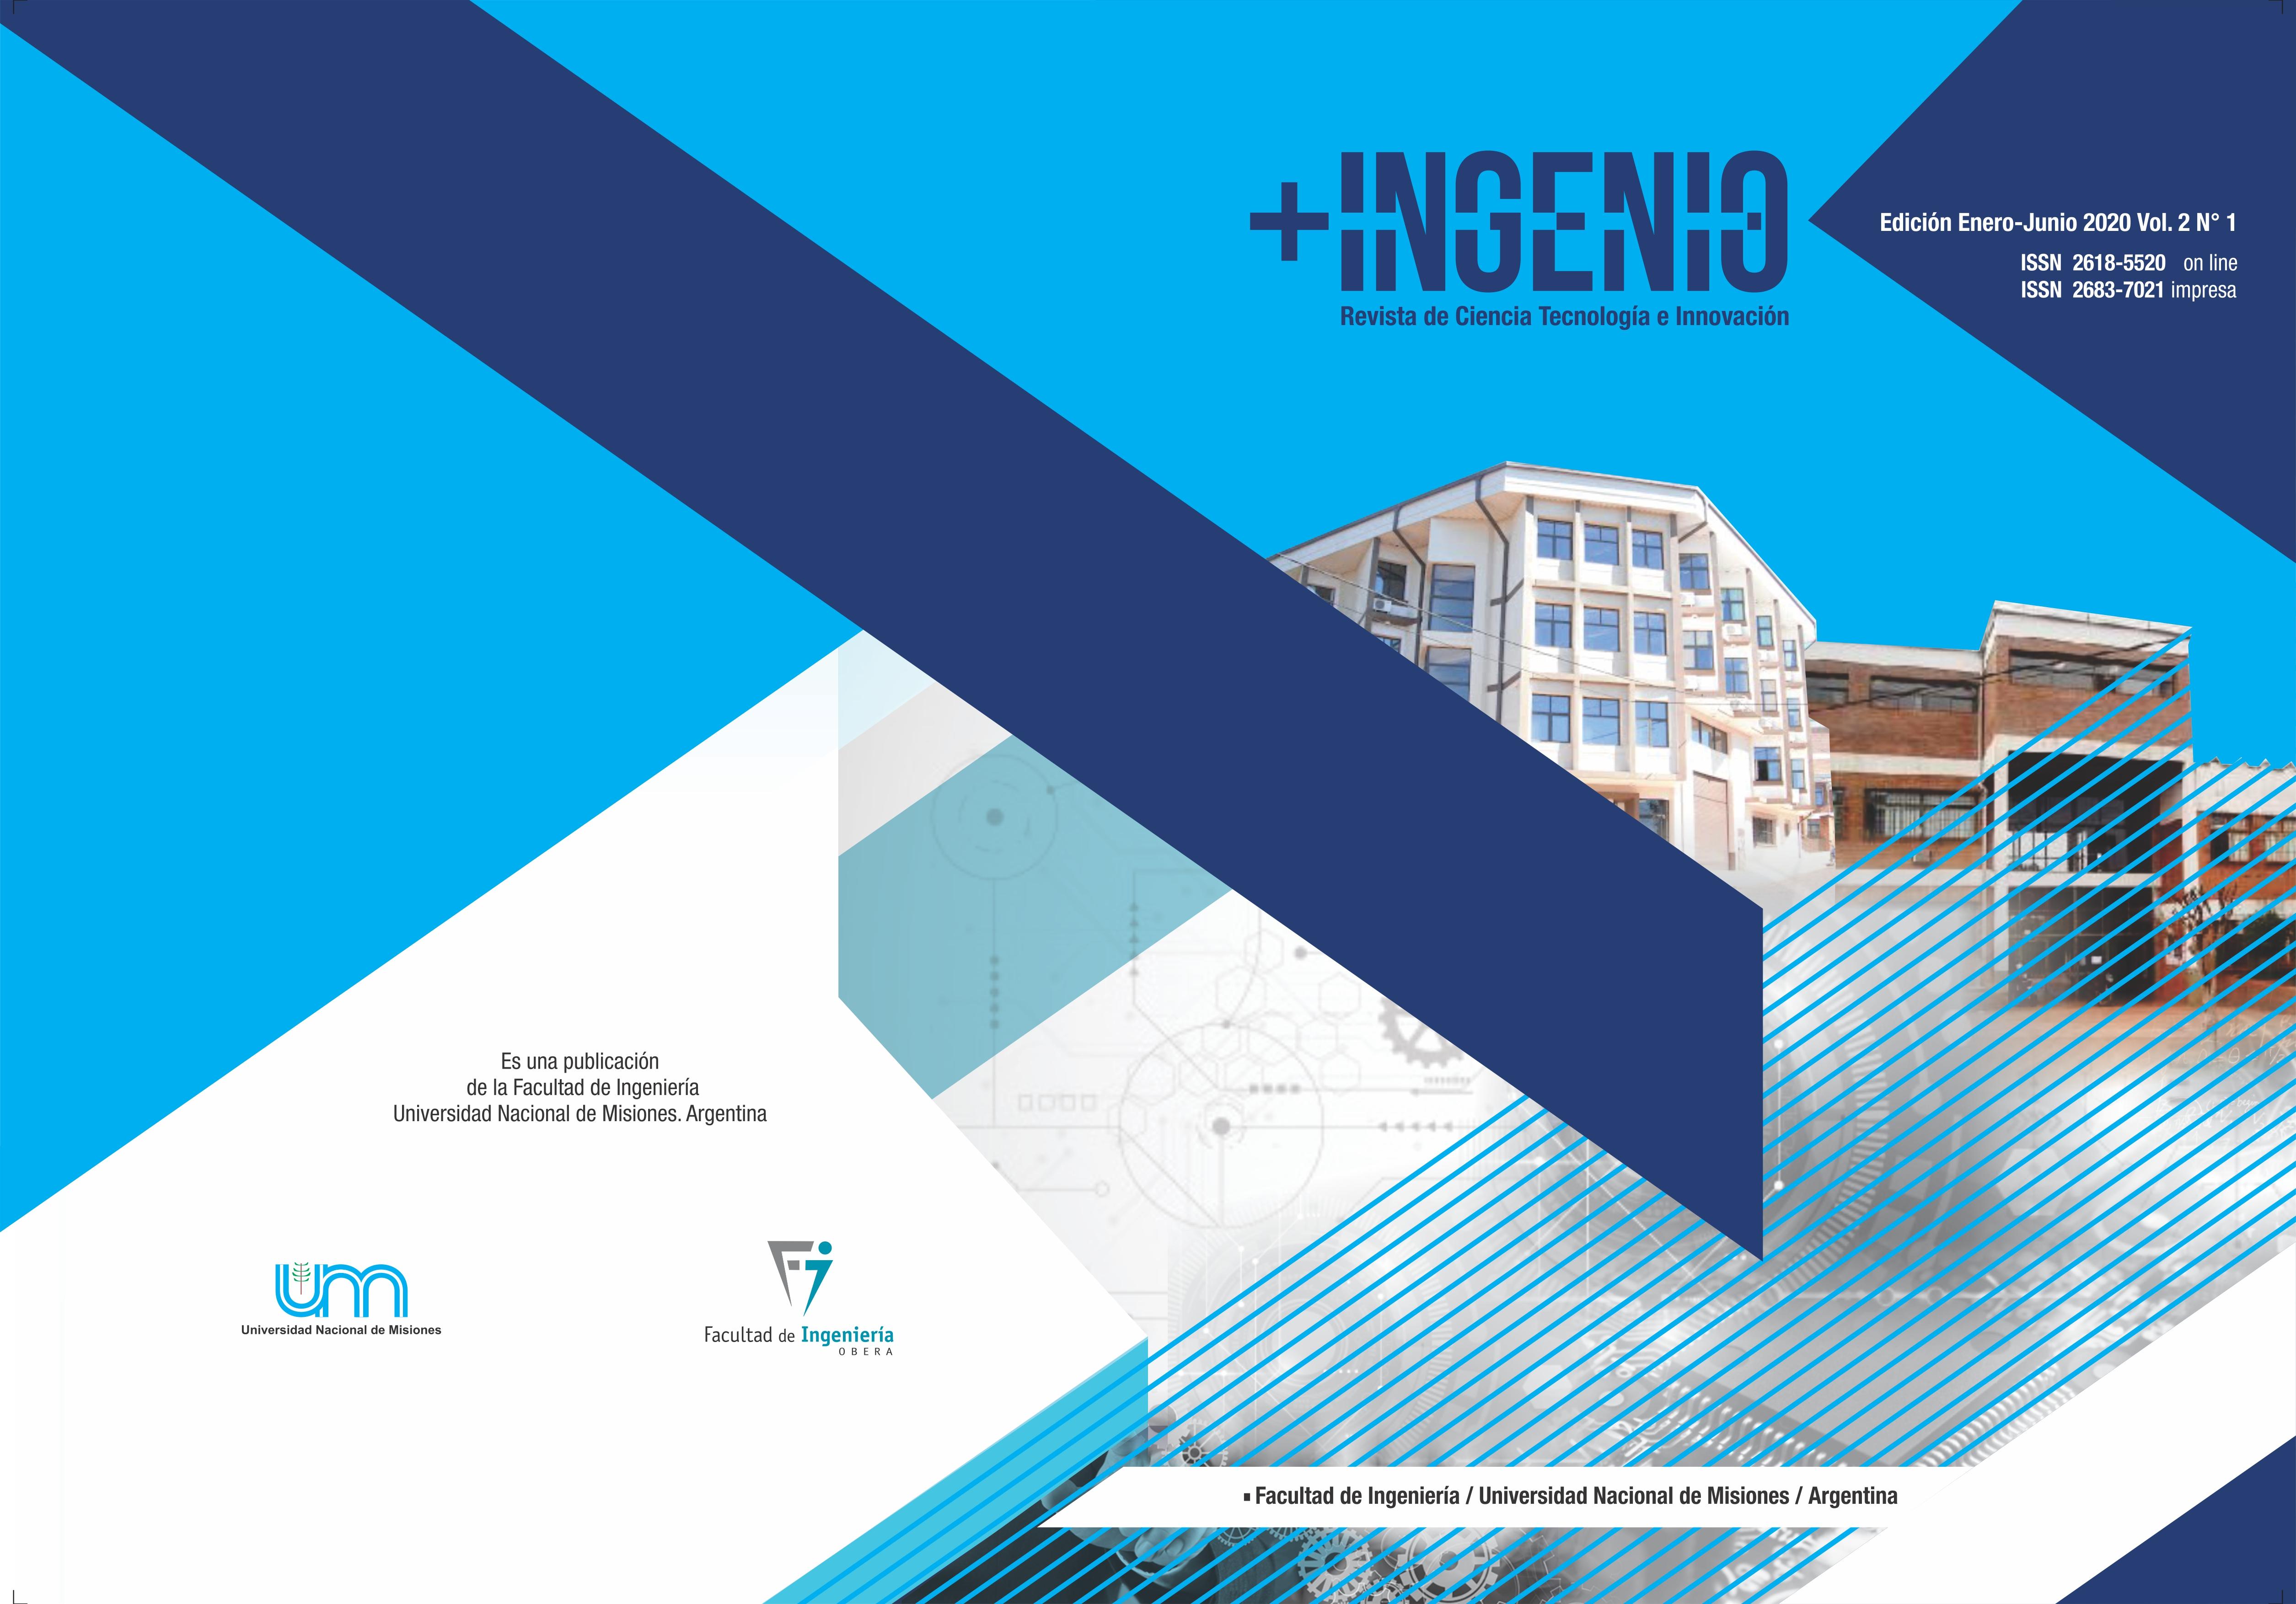 Ver Vol. 2 Núm. 1 (2): Revista de Ciencia, Técnologia e Innovación